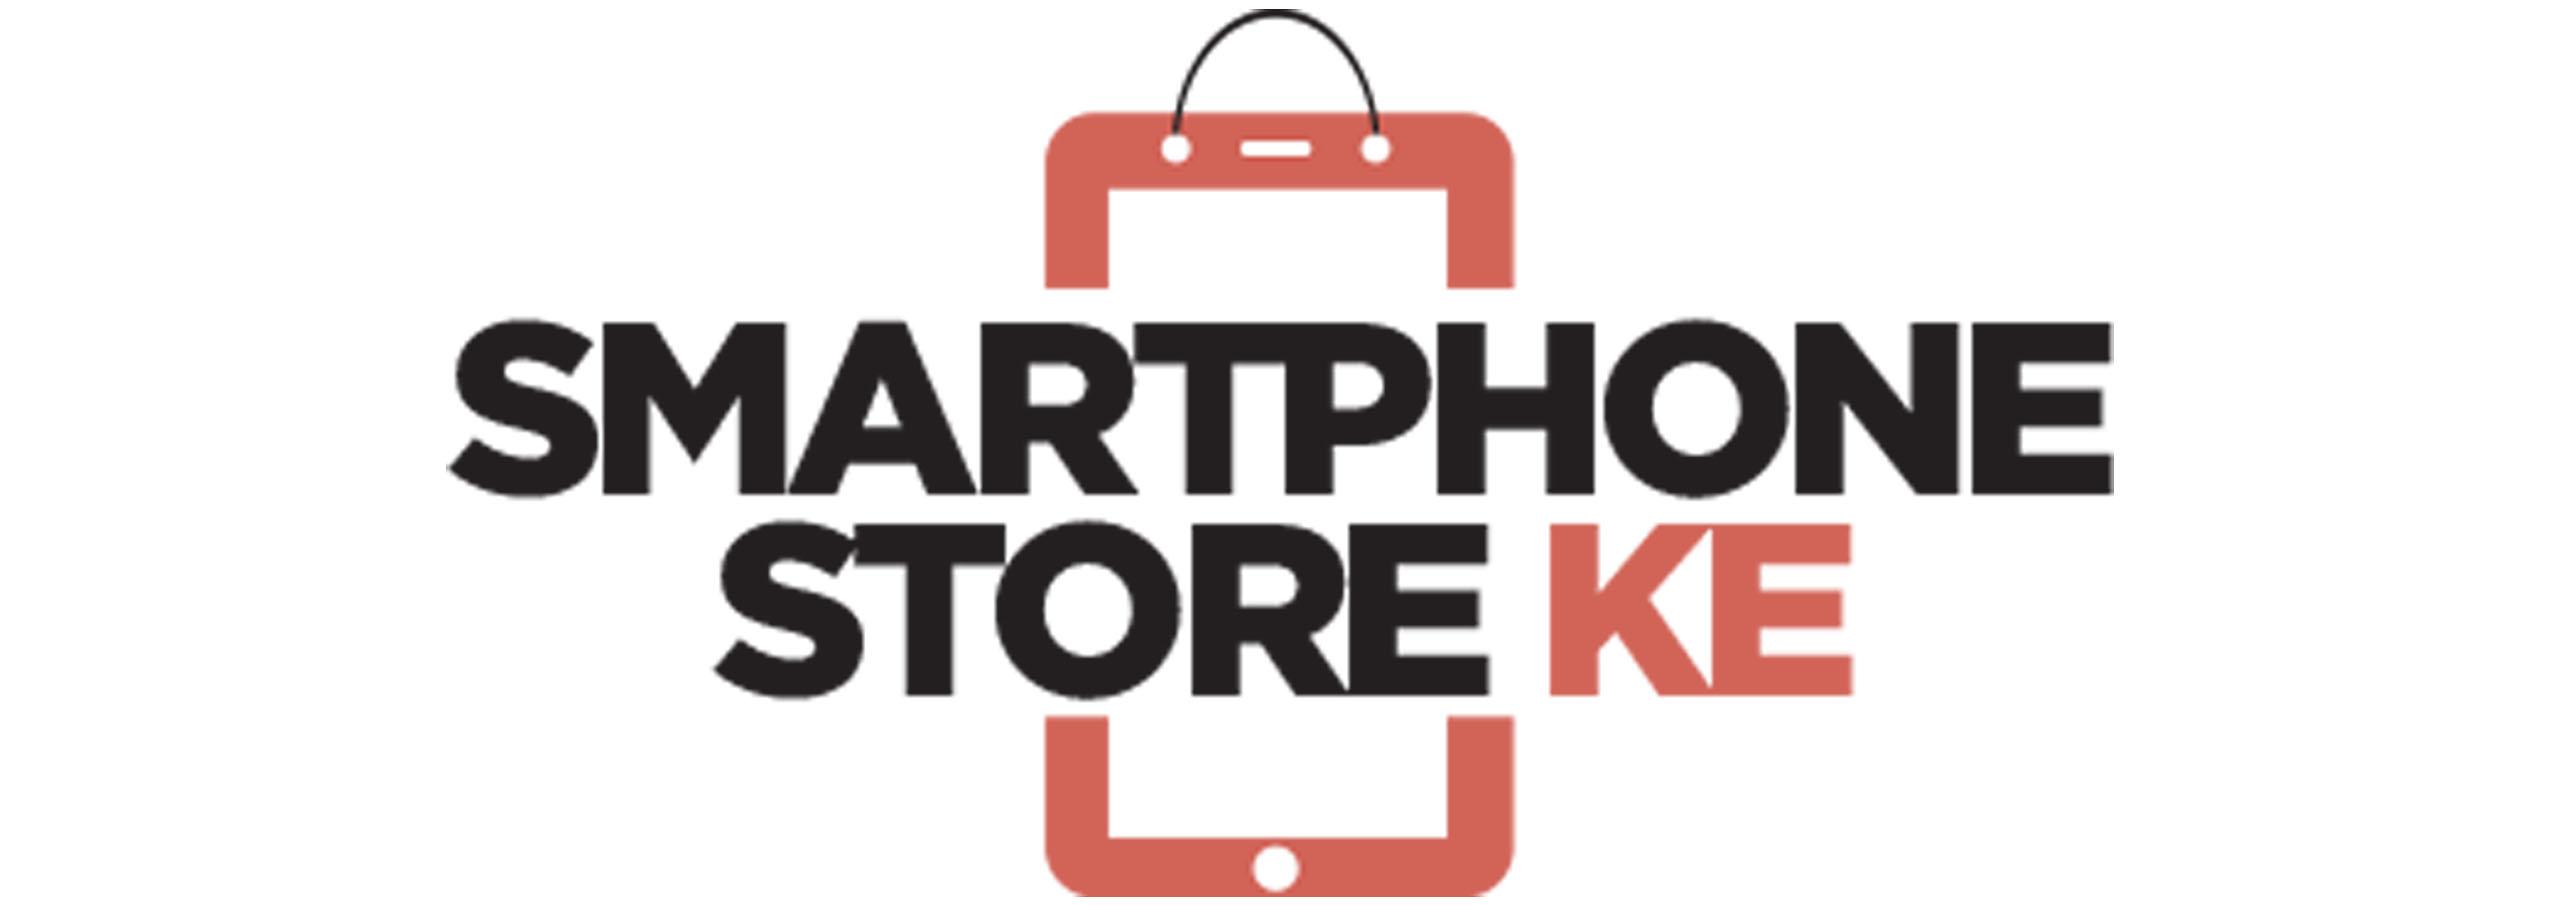 Smart Phone Store Kenya